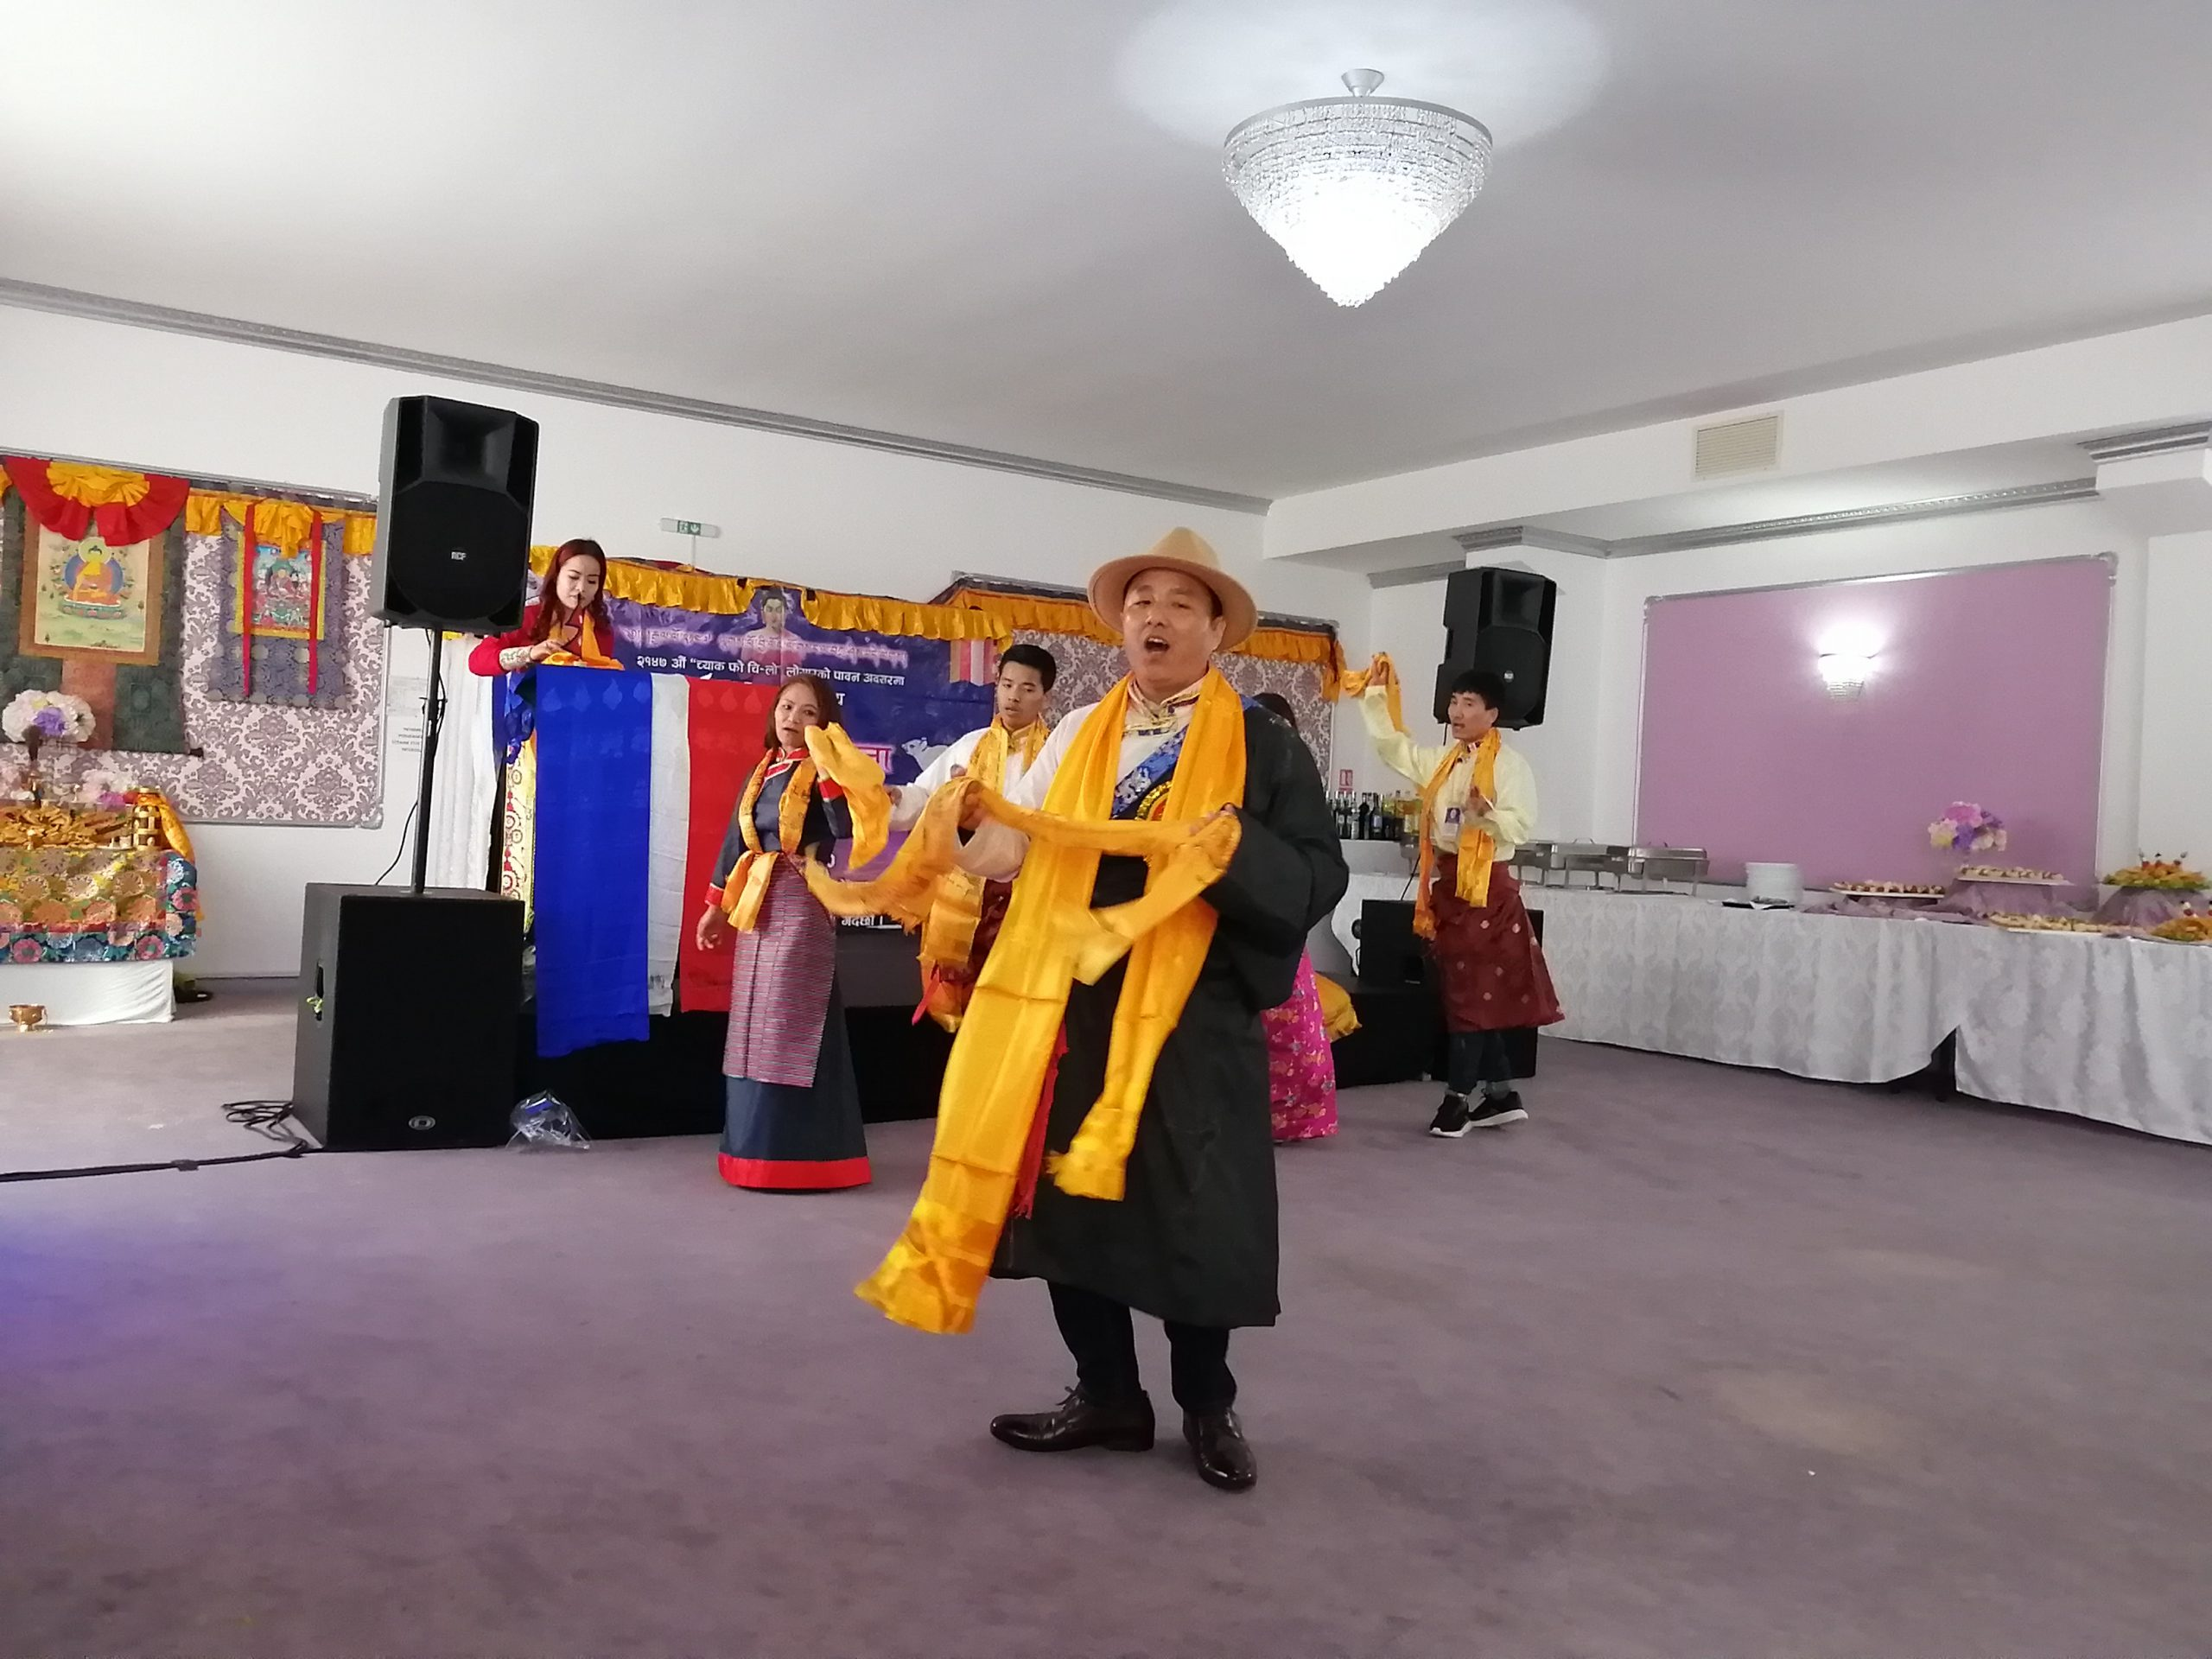 रोमानियामा ग्याल्बो लोसार कार्यक्रम सम्पन्न